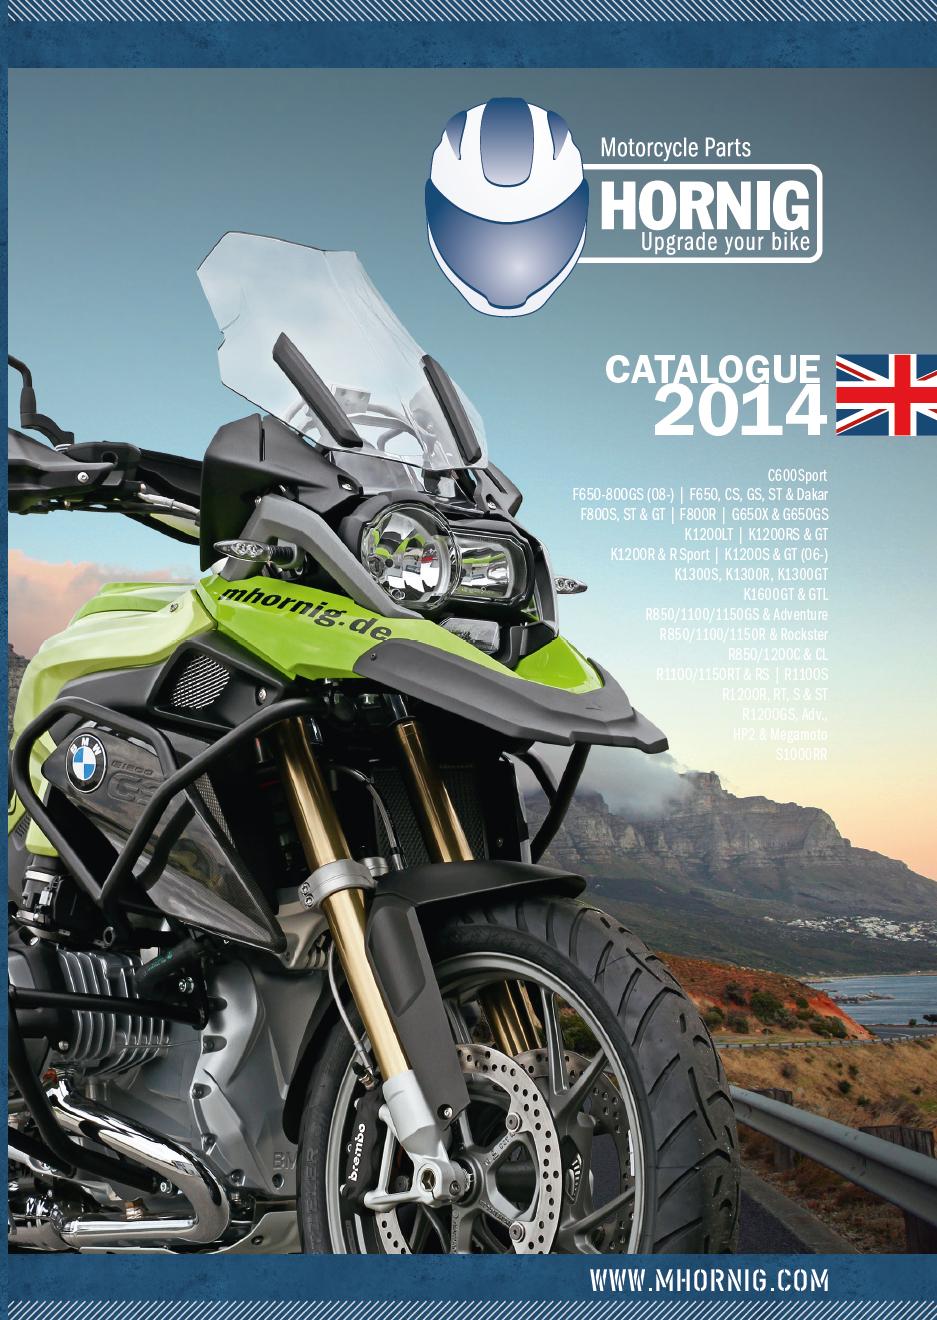 Catalogo de accesorios 2014 para motocicletas bmw de for Catalogo de accesorios